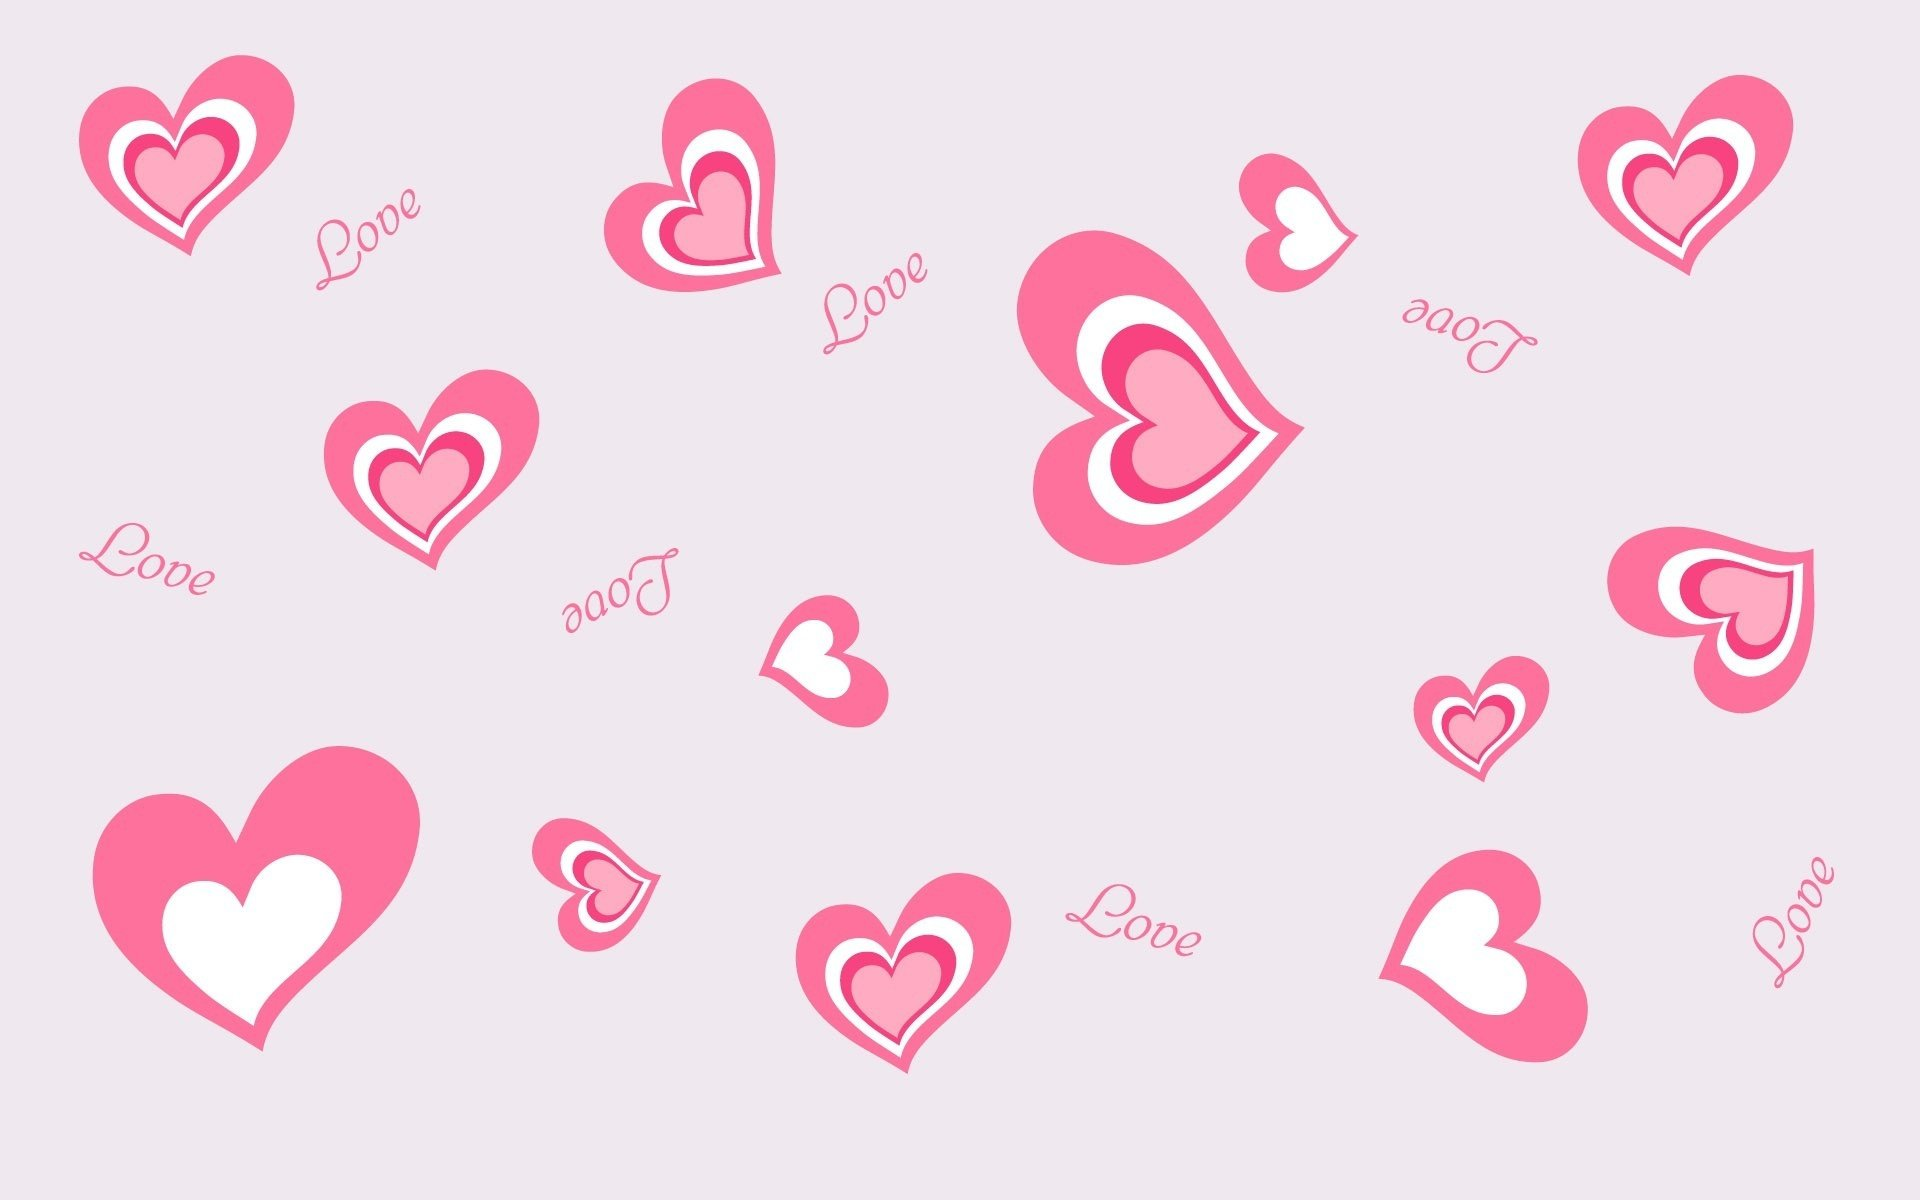 صور قلب رمزيات قلوب رومانسية خلفيات حب سوبر كايرو